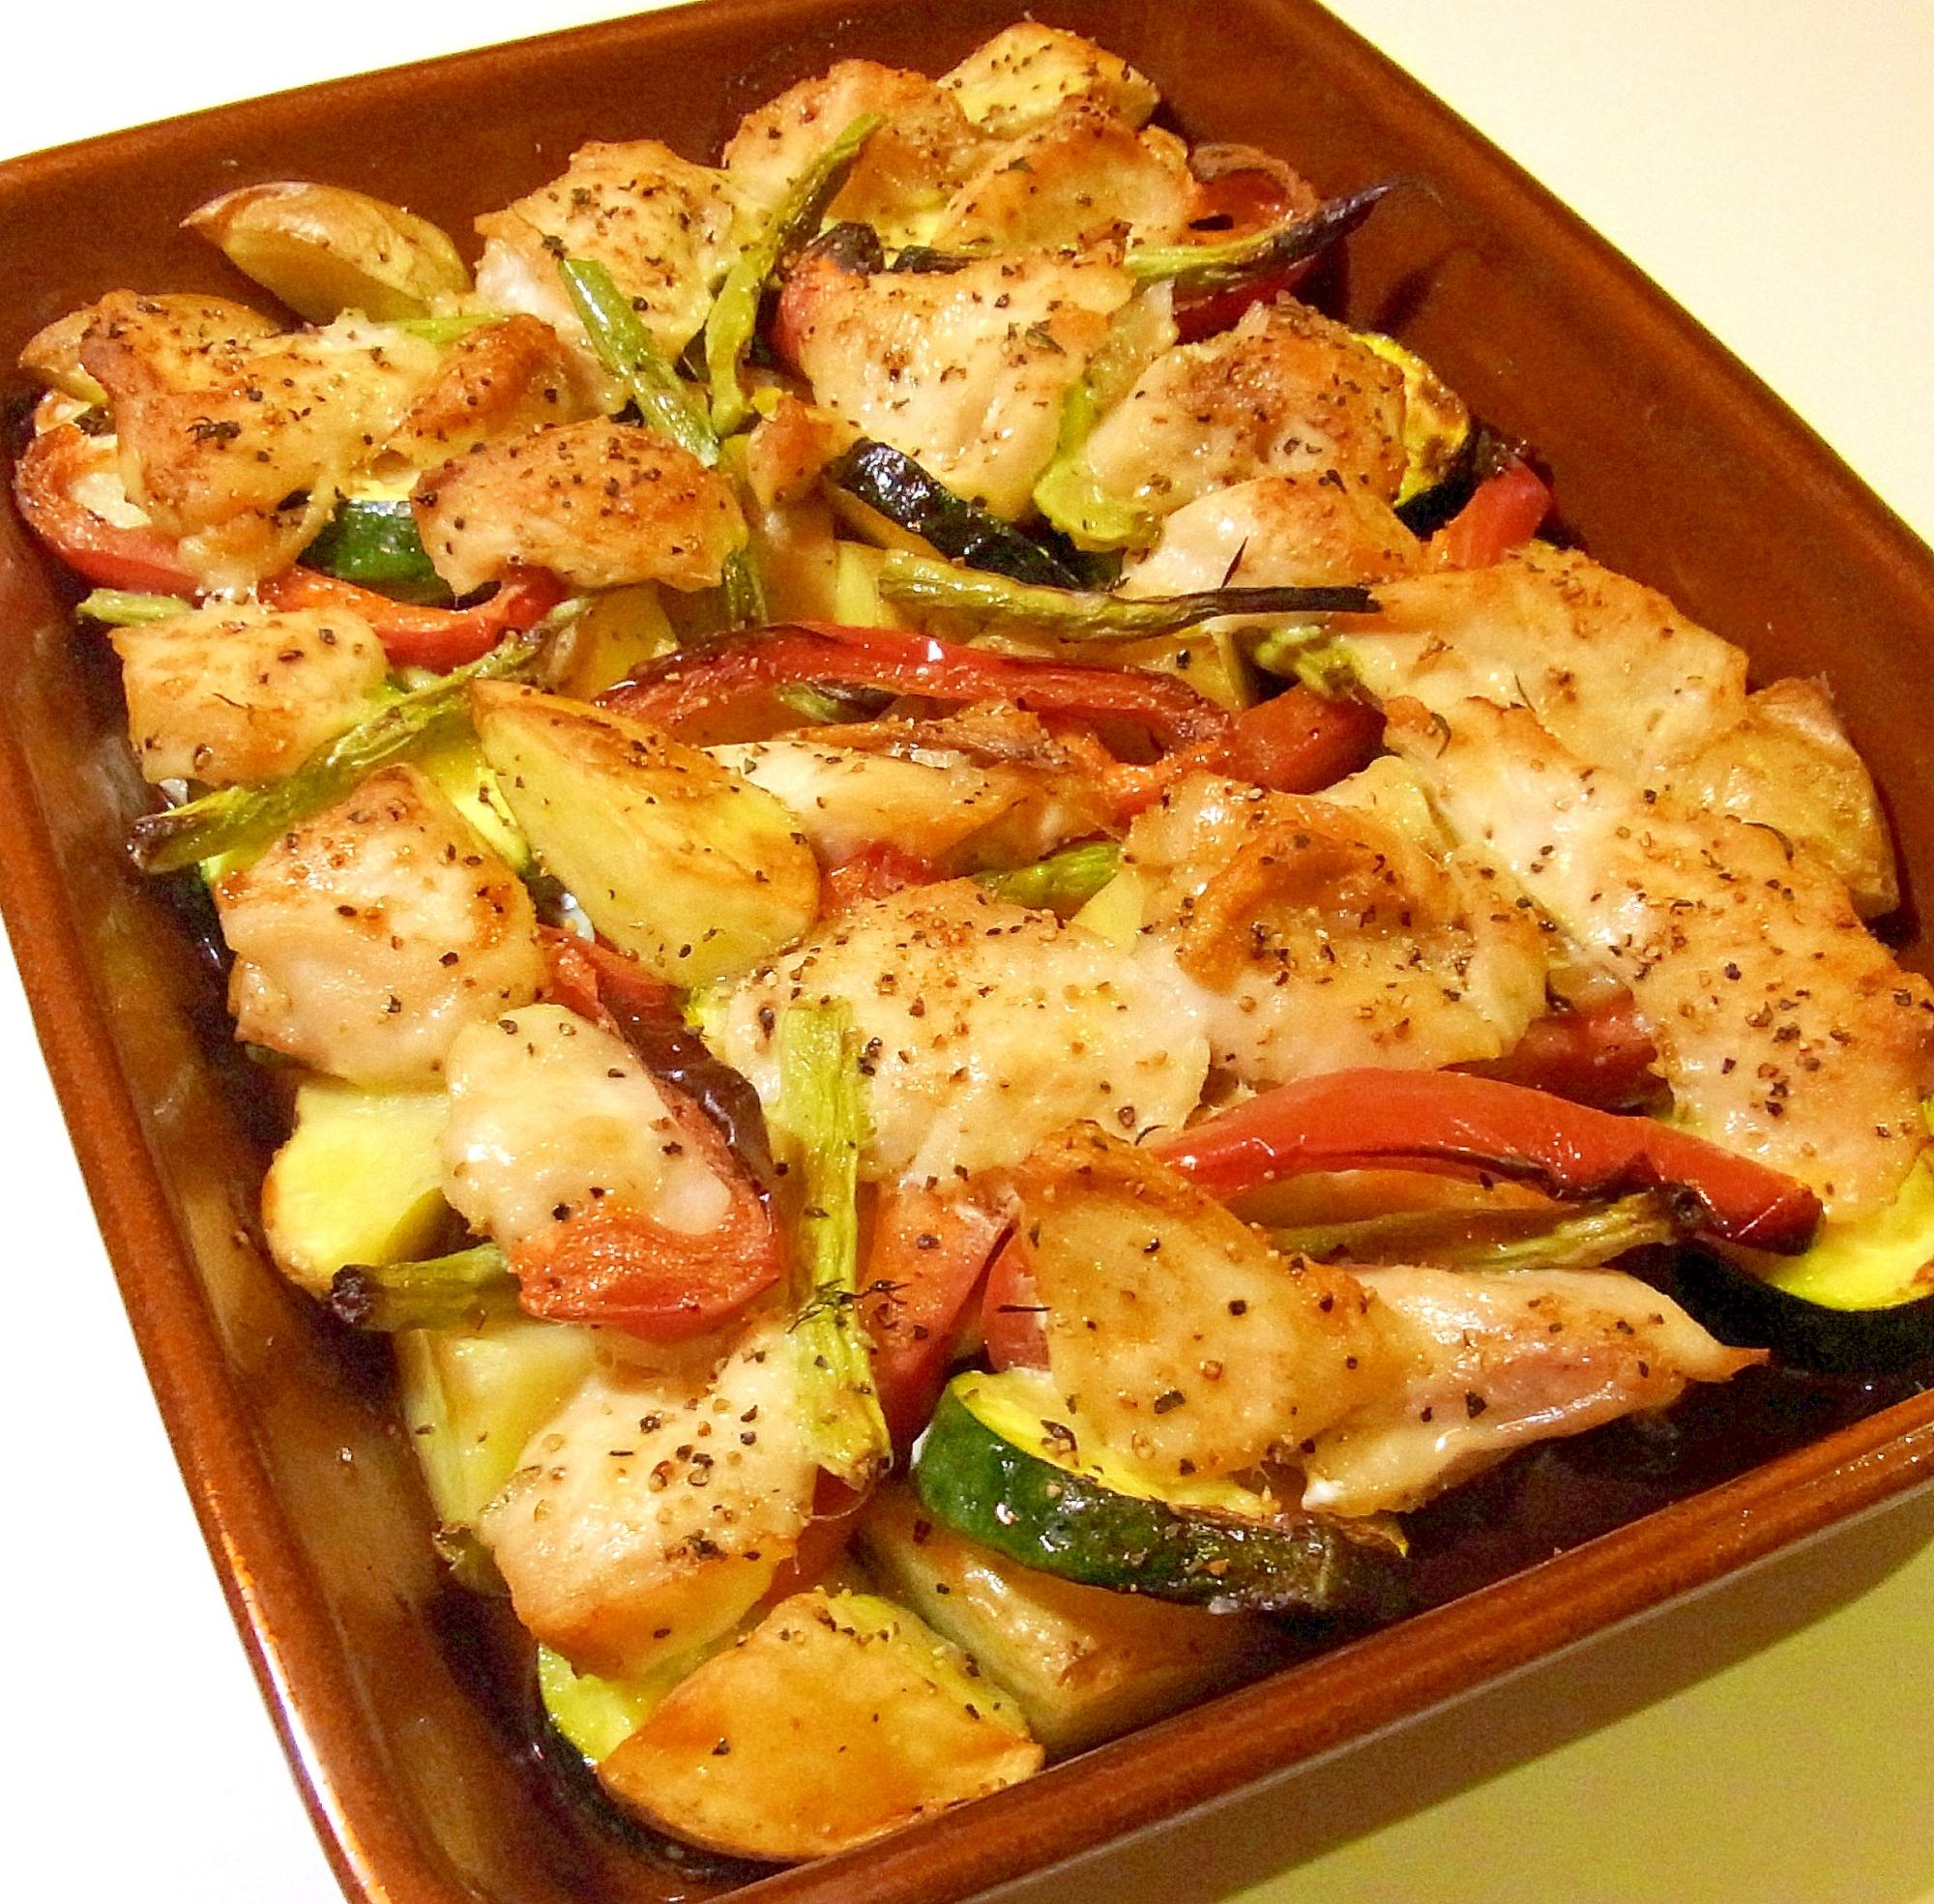 どっさり野菜とチキンのオーブン焼き レシピ・作り方 by ☆メリッコ☆|楽天レシピ